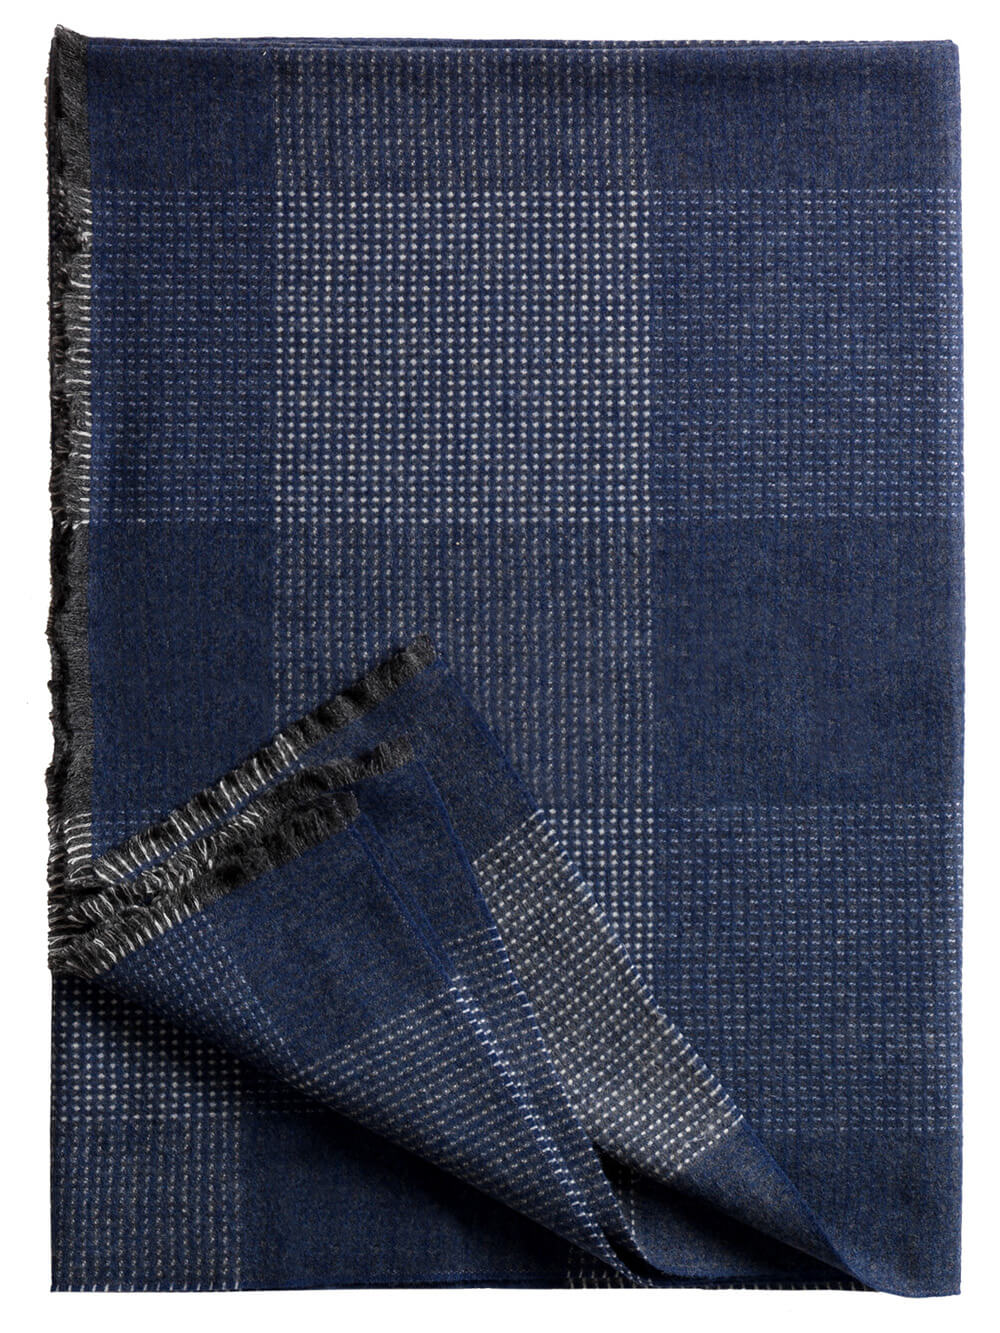 Bild von Glasgow_navy_wool_blanket_100, Variante Dunkeljeans